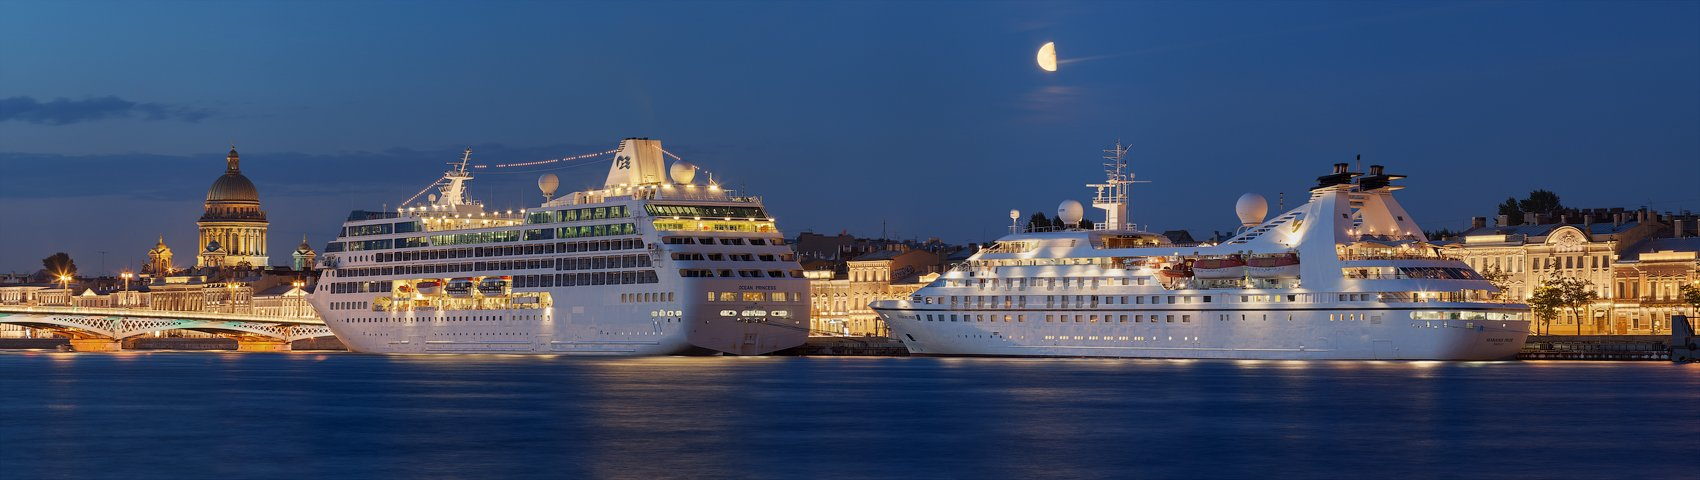 санкт-петербург, нева, белые ночи, пароход, луна, исаакиевский собор, английская набережная, благовещенский мост, Alex Darkside